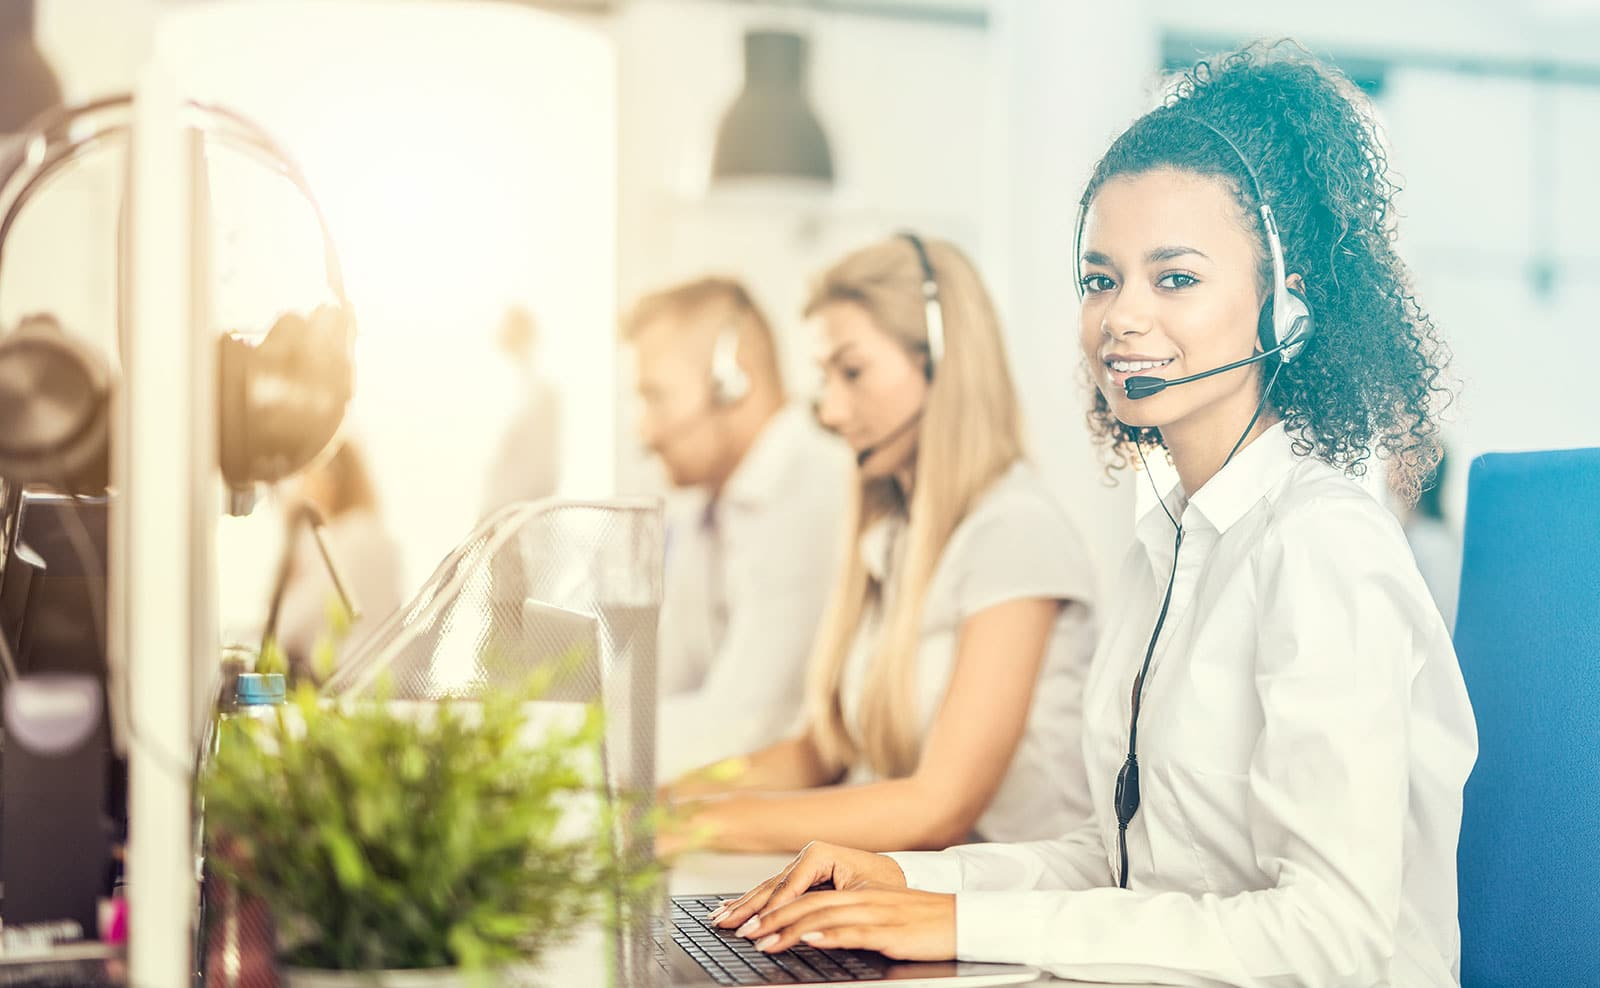 Service Mitarbeiterin einer E-Commerce Agentur betreut einen Kunden